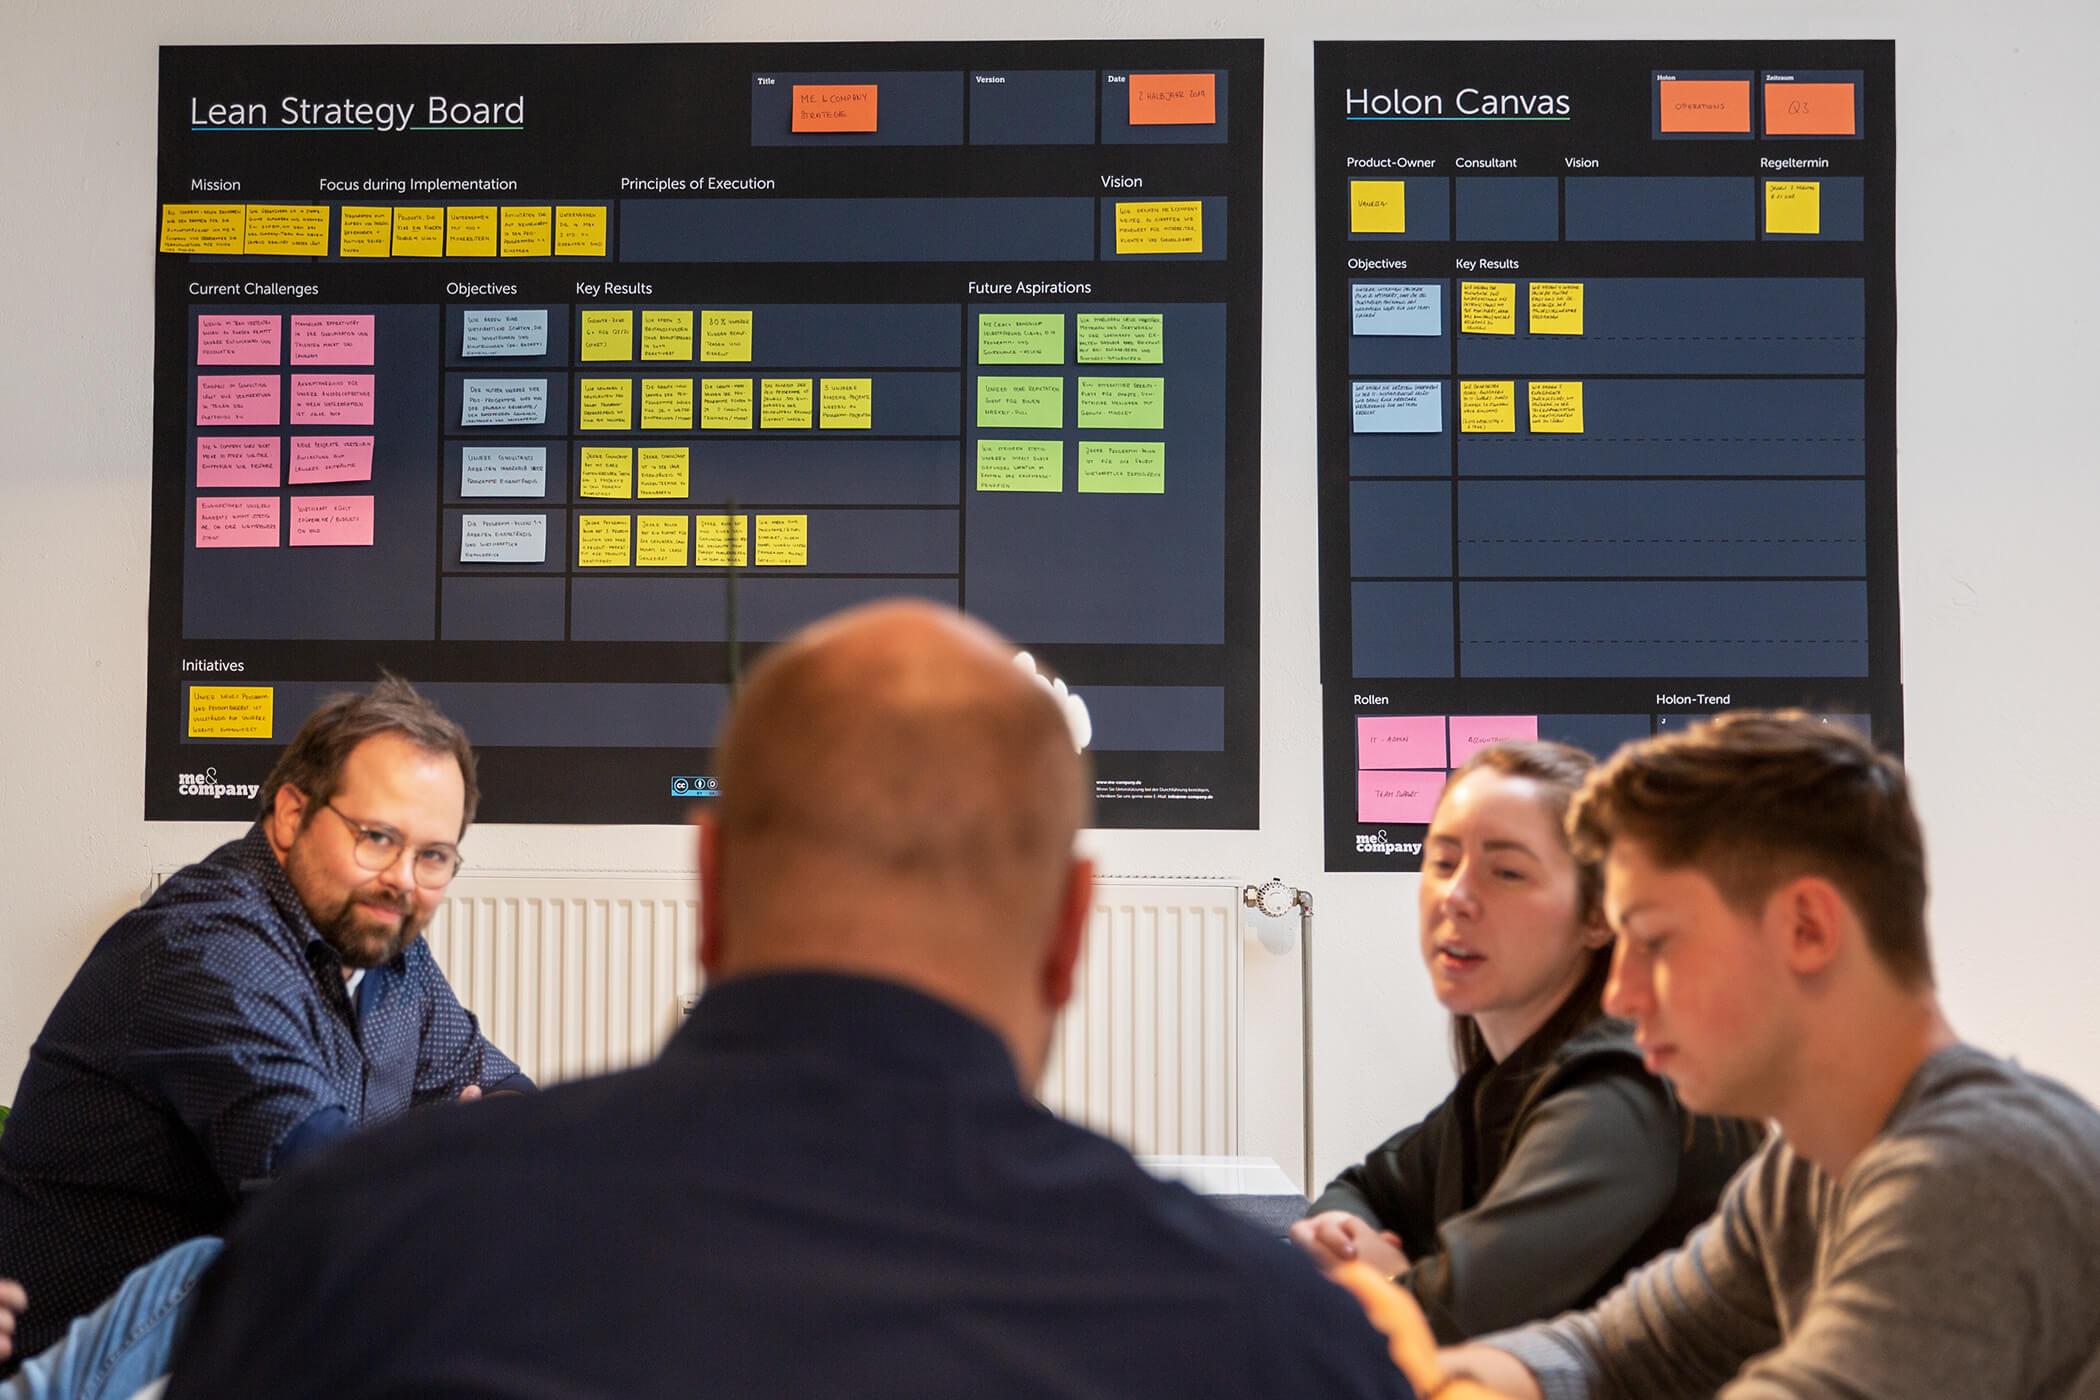 Me & Company: Lean Strategy Board gut sichtbar beim Mittagstisch